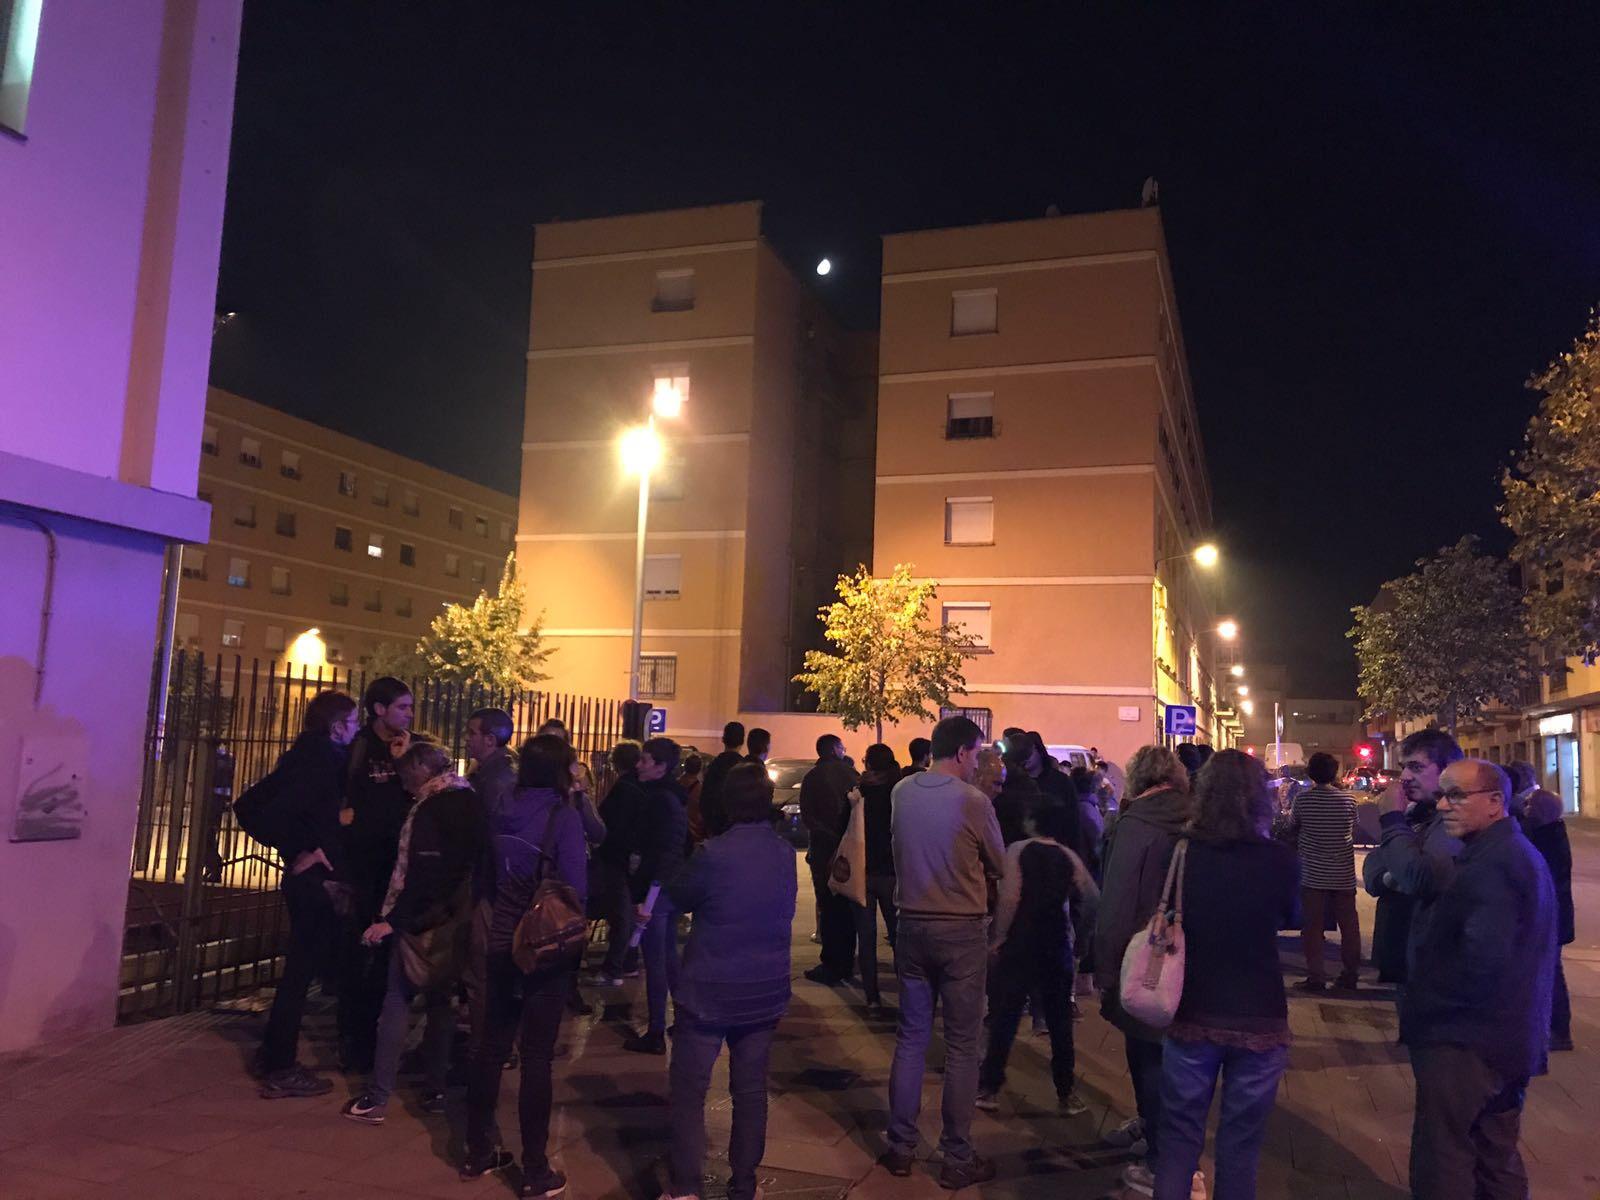 Persones concentrades aquest divendres al vespre davant l'escola Puig-Agut